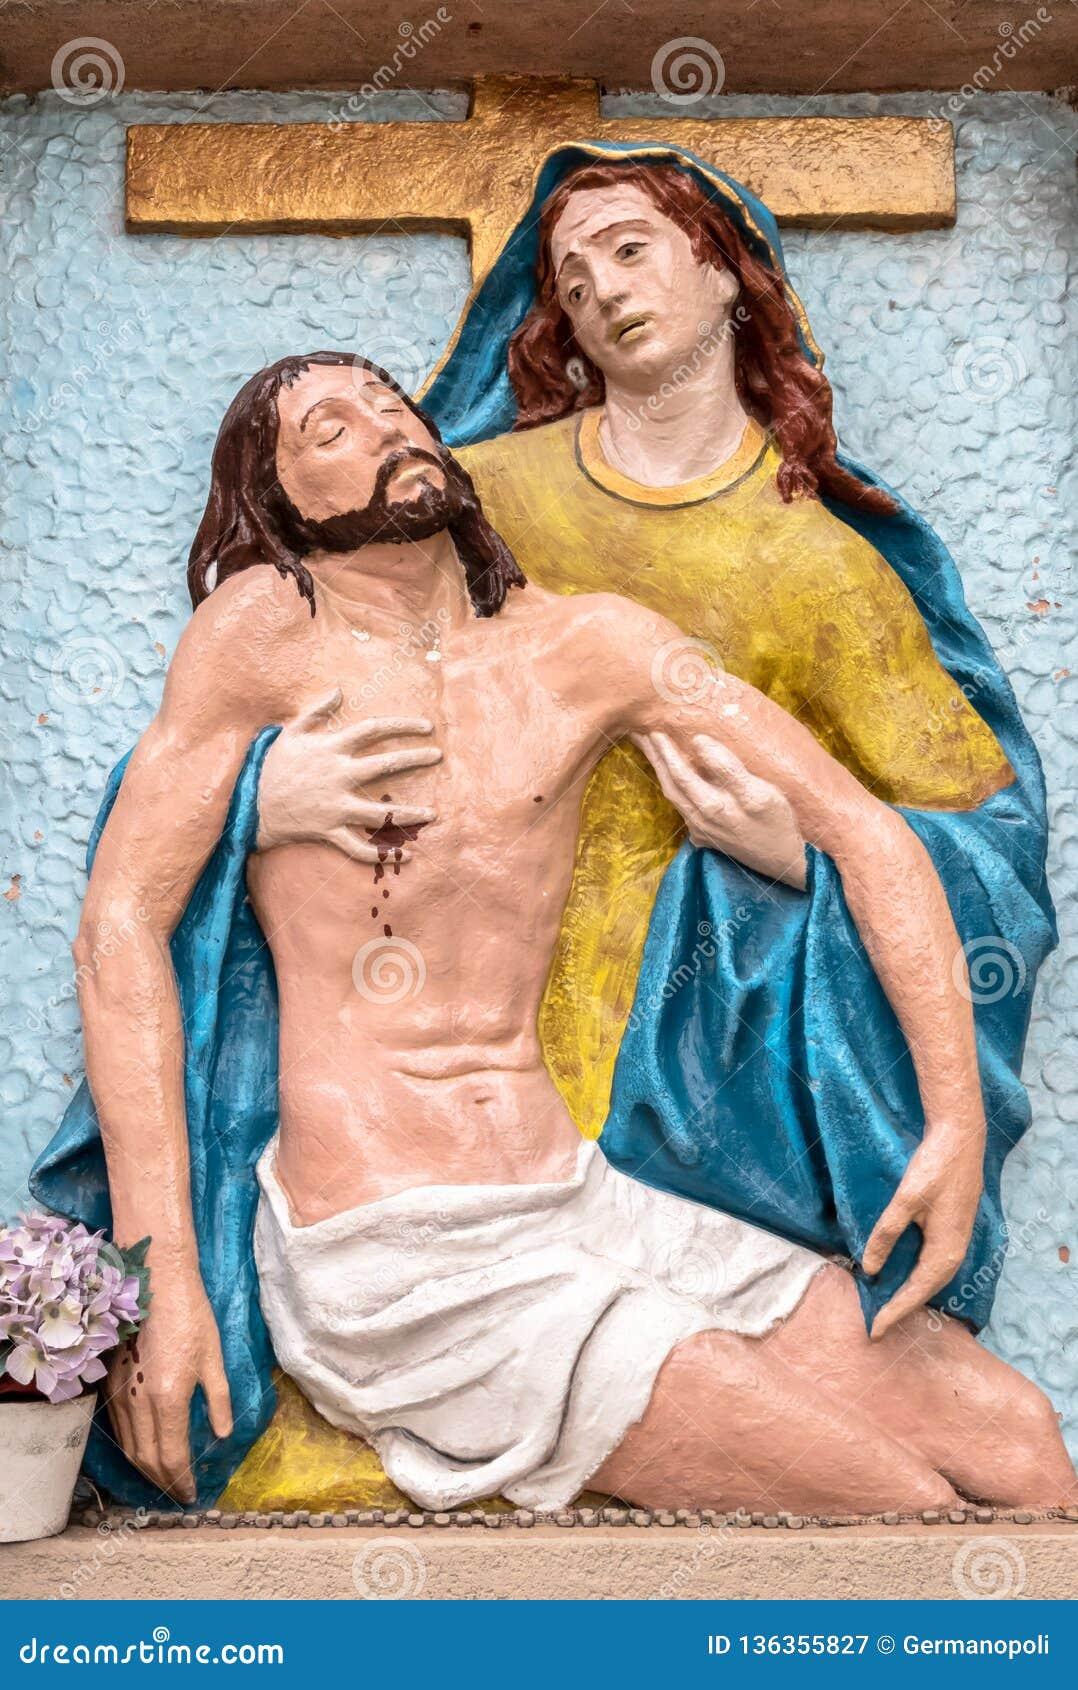 Barelief kolory reprezentuje politowanie Michelangelo